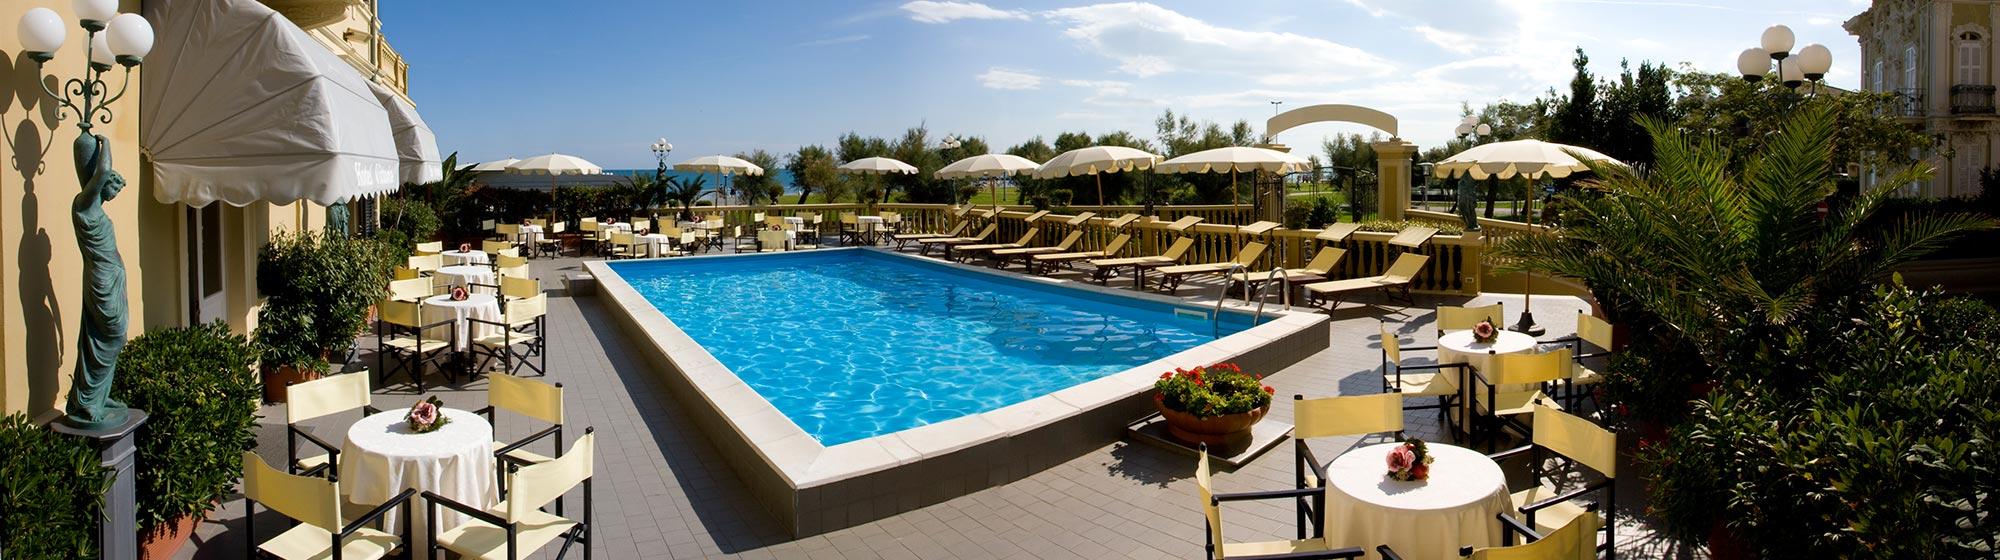 Hotel pesaro fronte mare alberghi 5 stelle di lusso nelle for Hotel di lusso italia